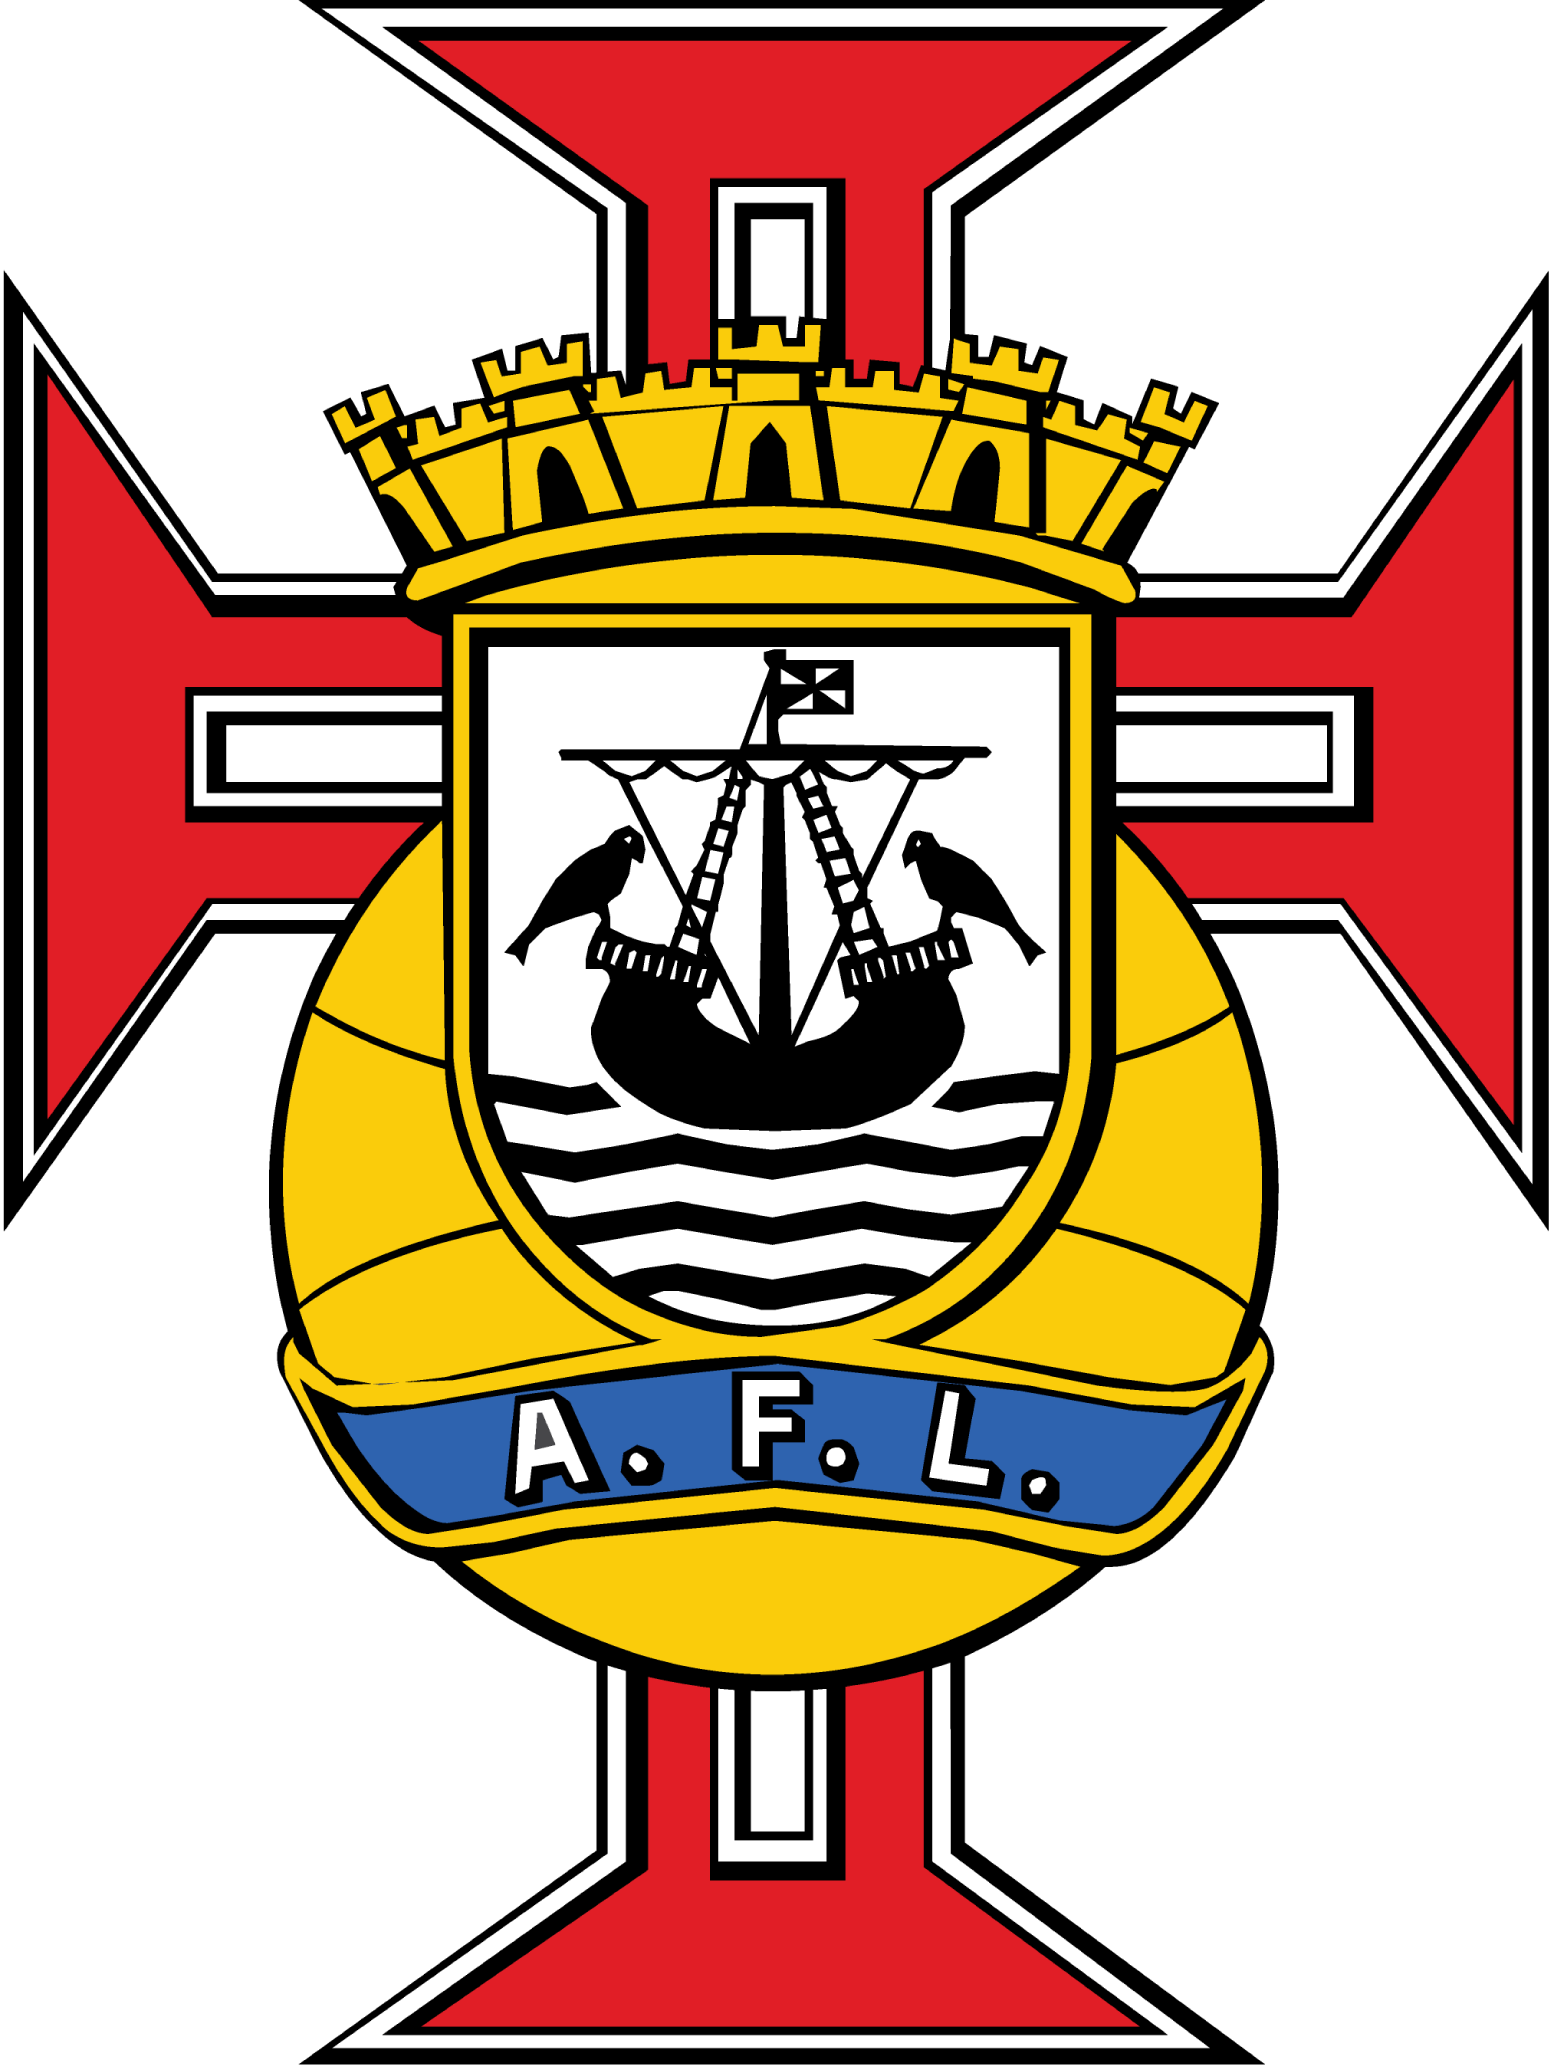 Associação de Futebol de Lisboa Portugalia